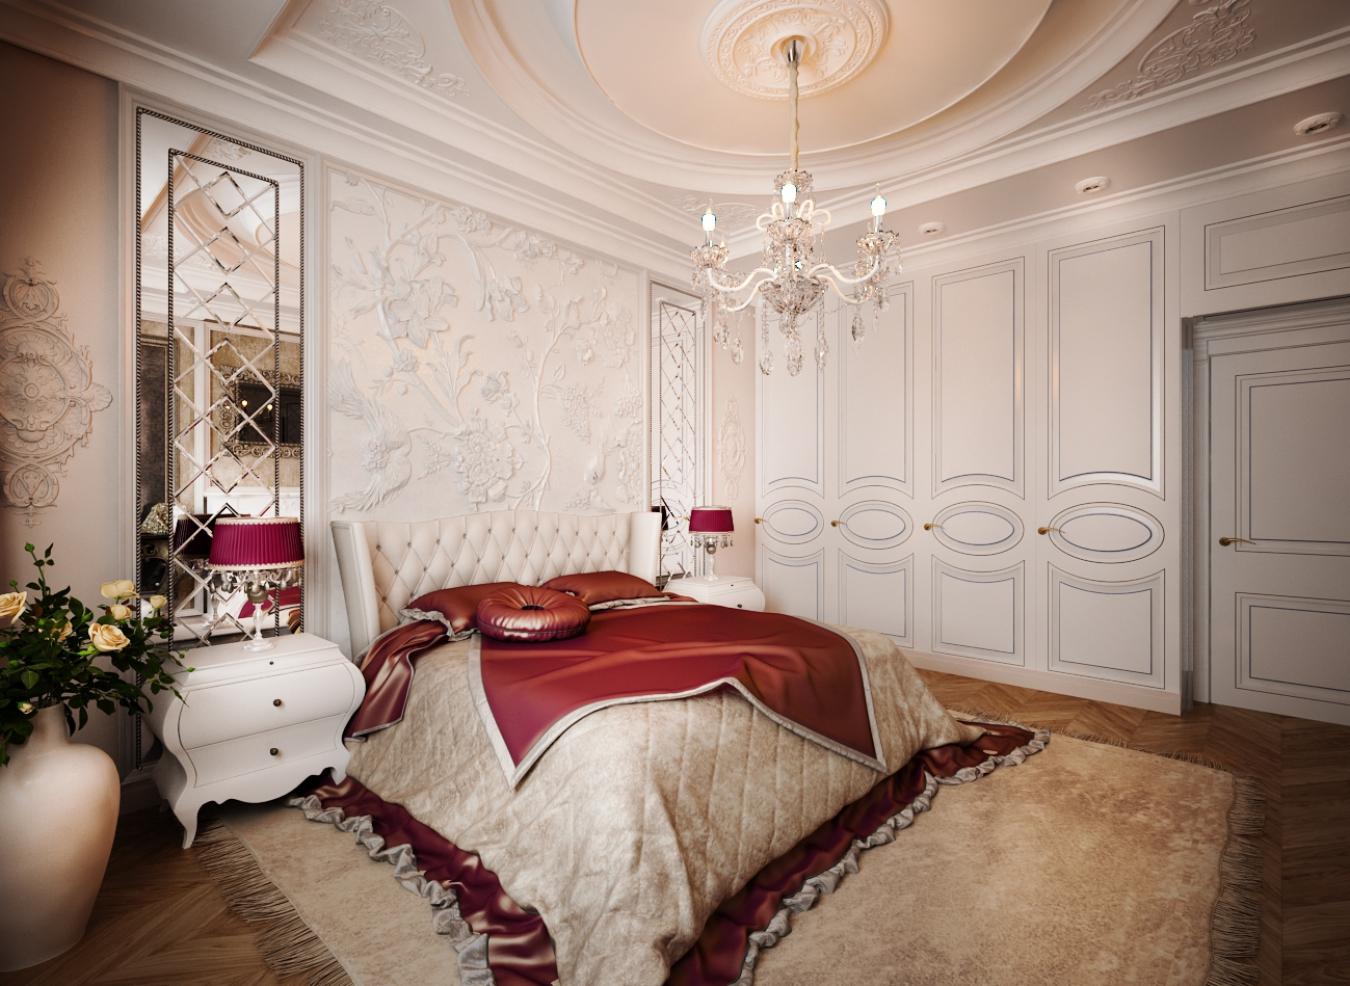 Фото дизайн интерьера спальни классика